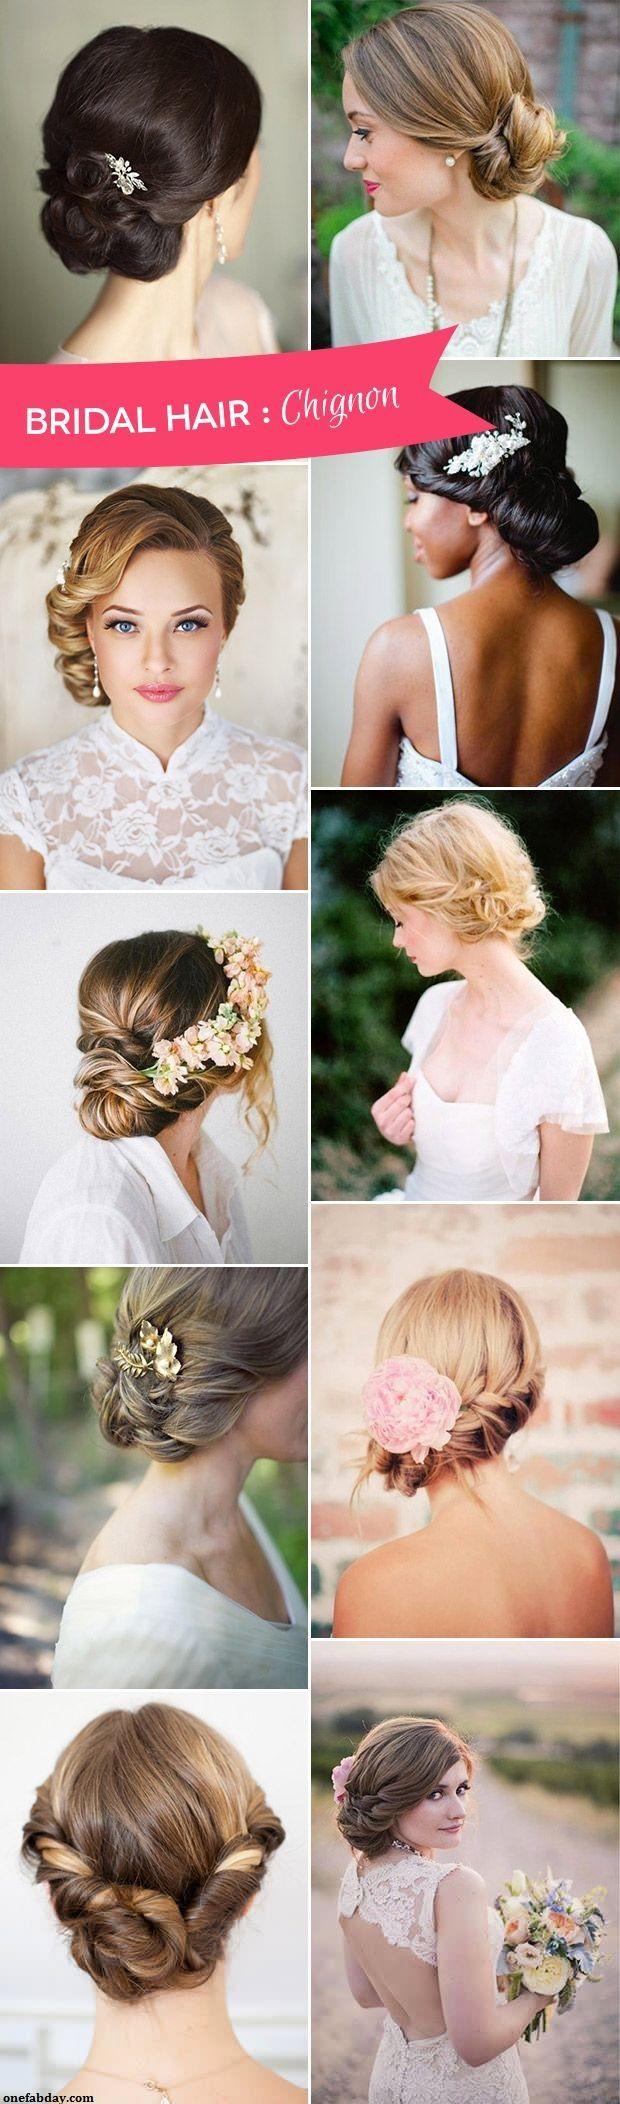 coiffure-mariée-6